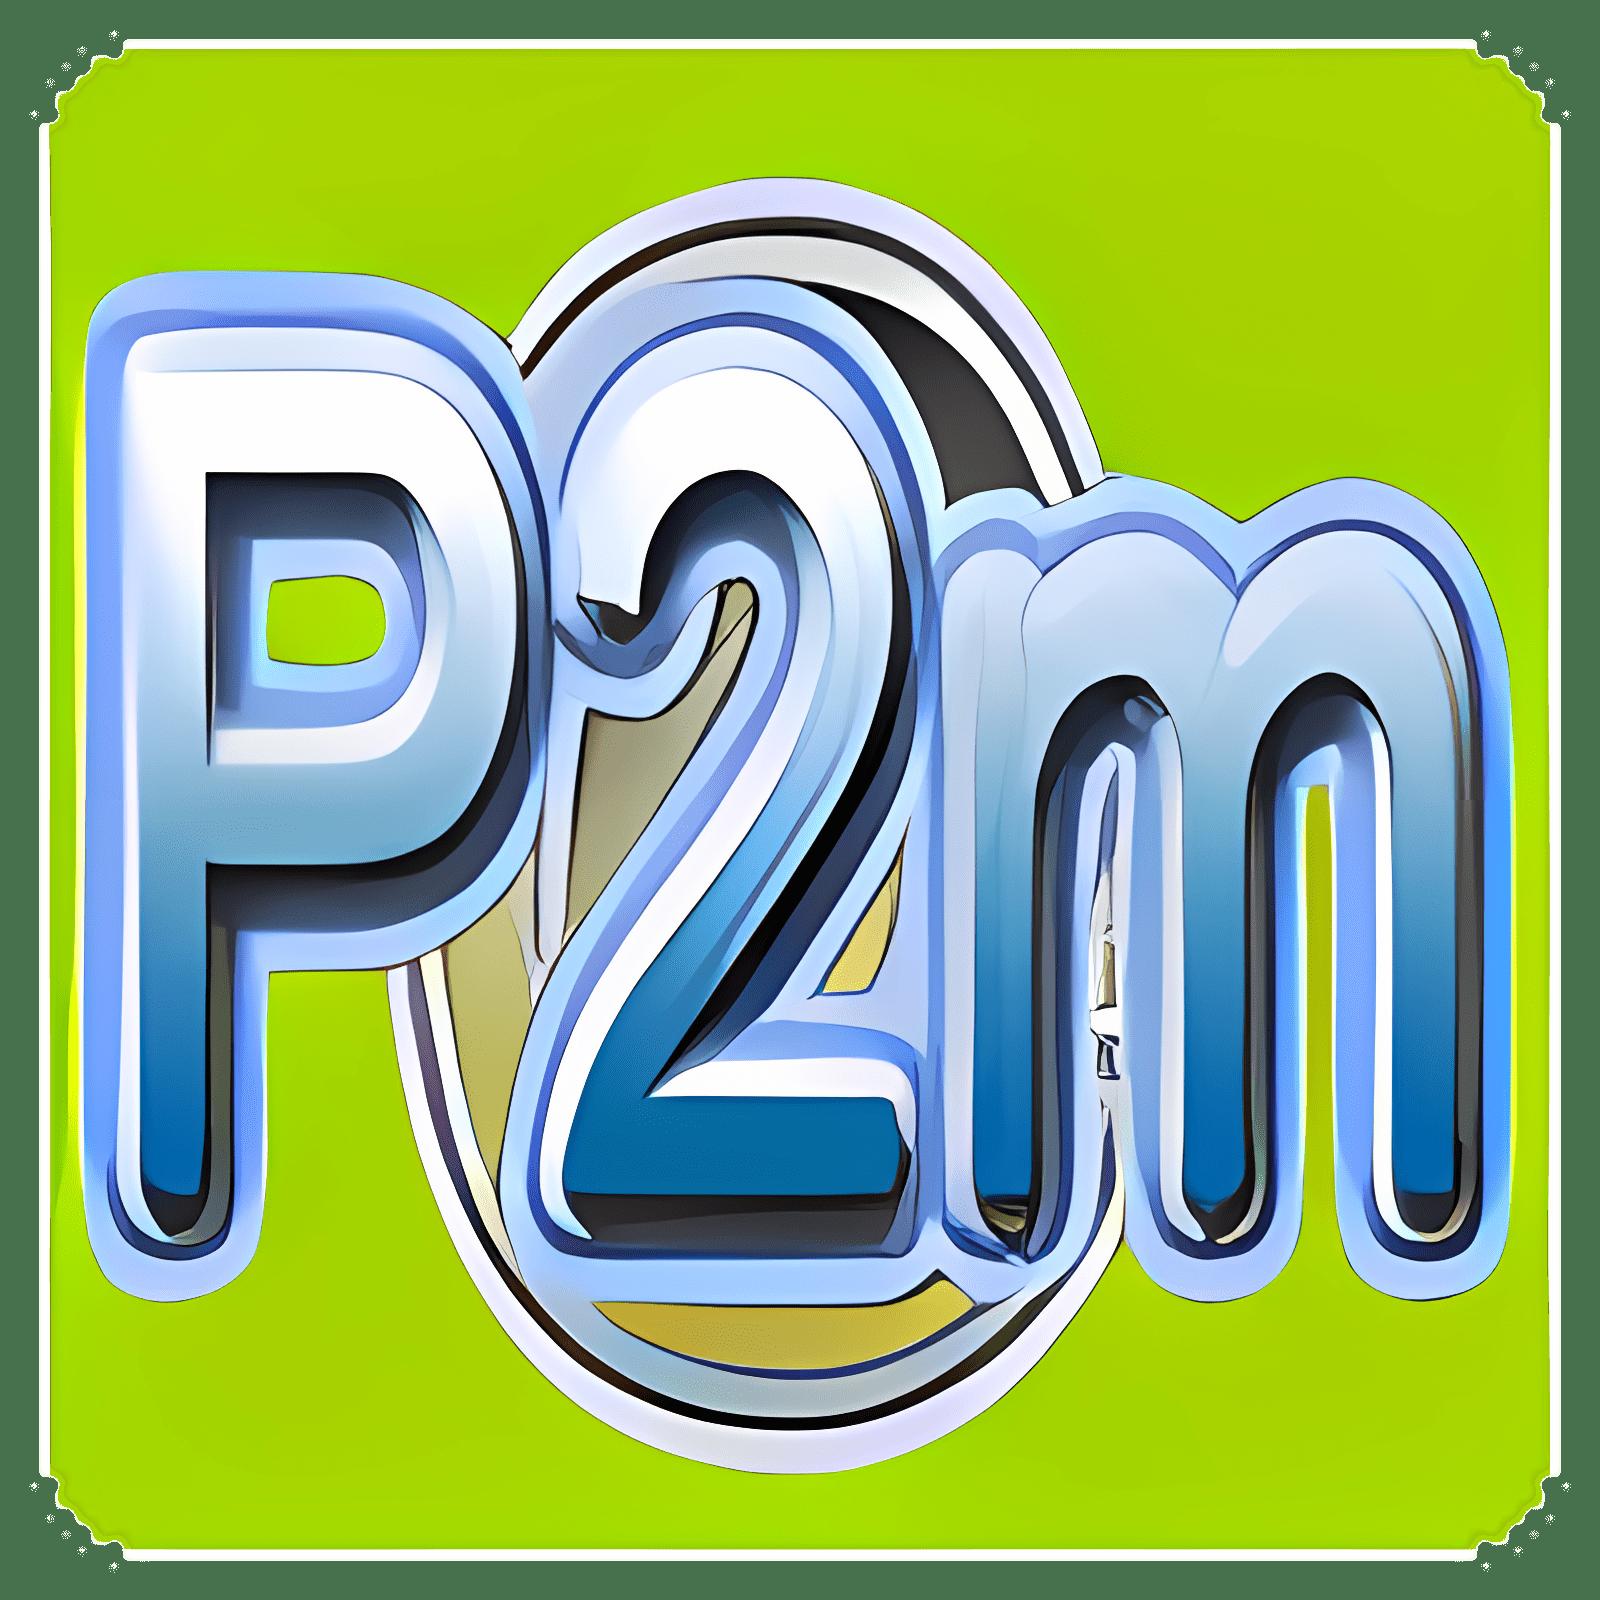 Peer2Mail